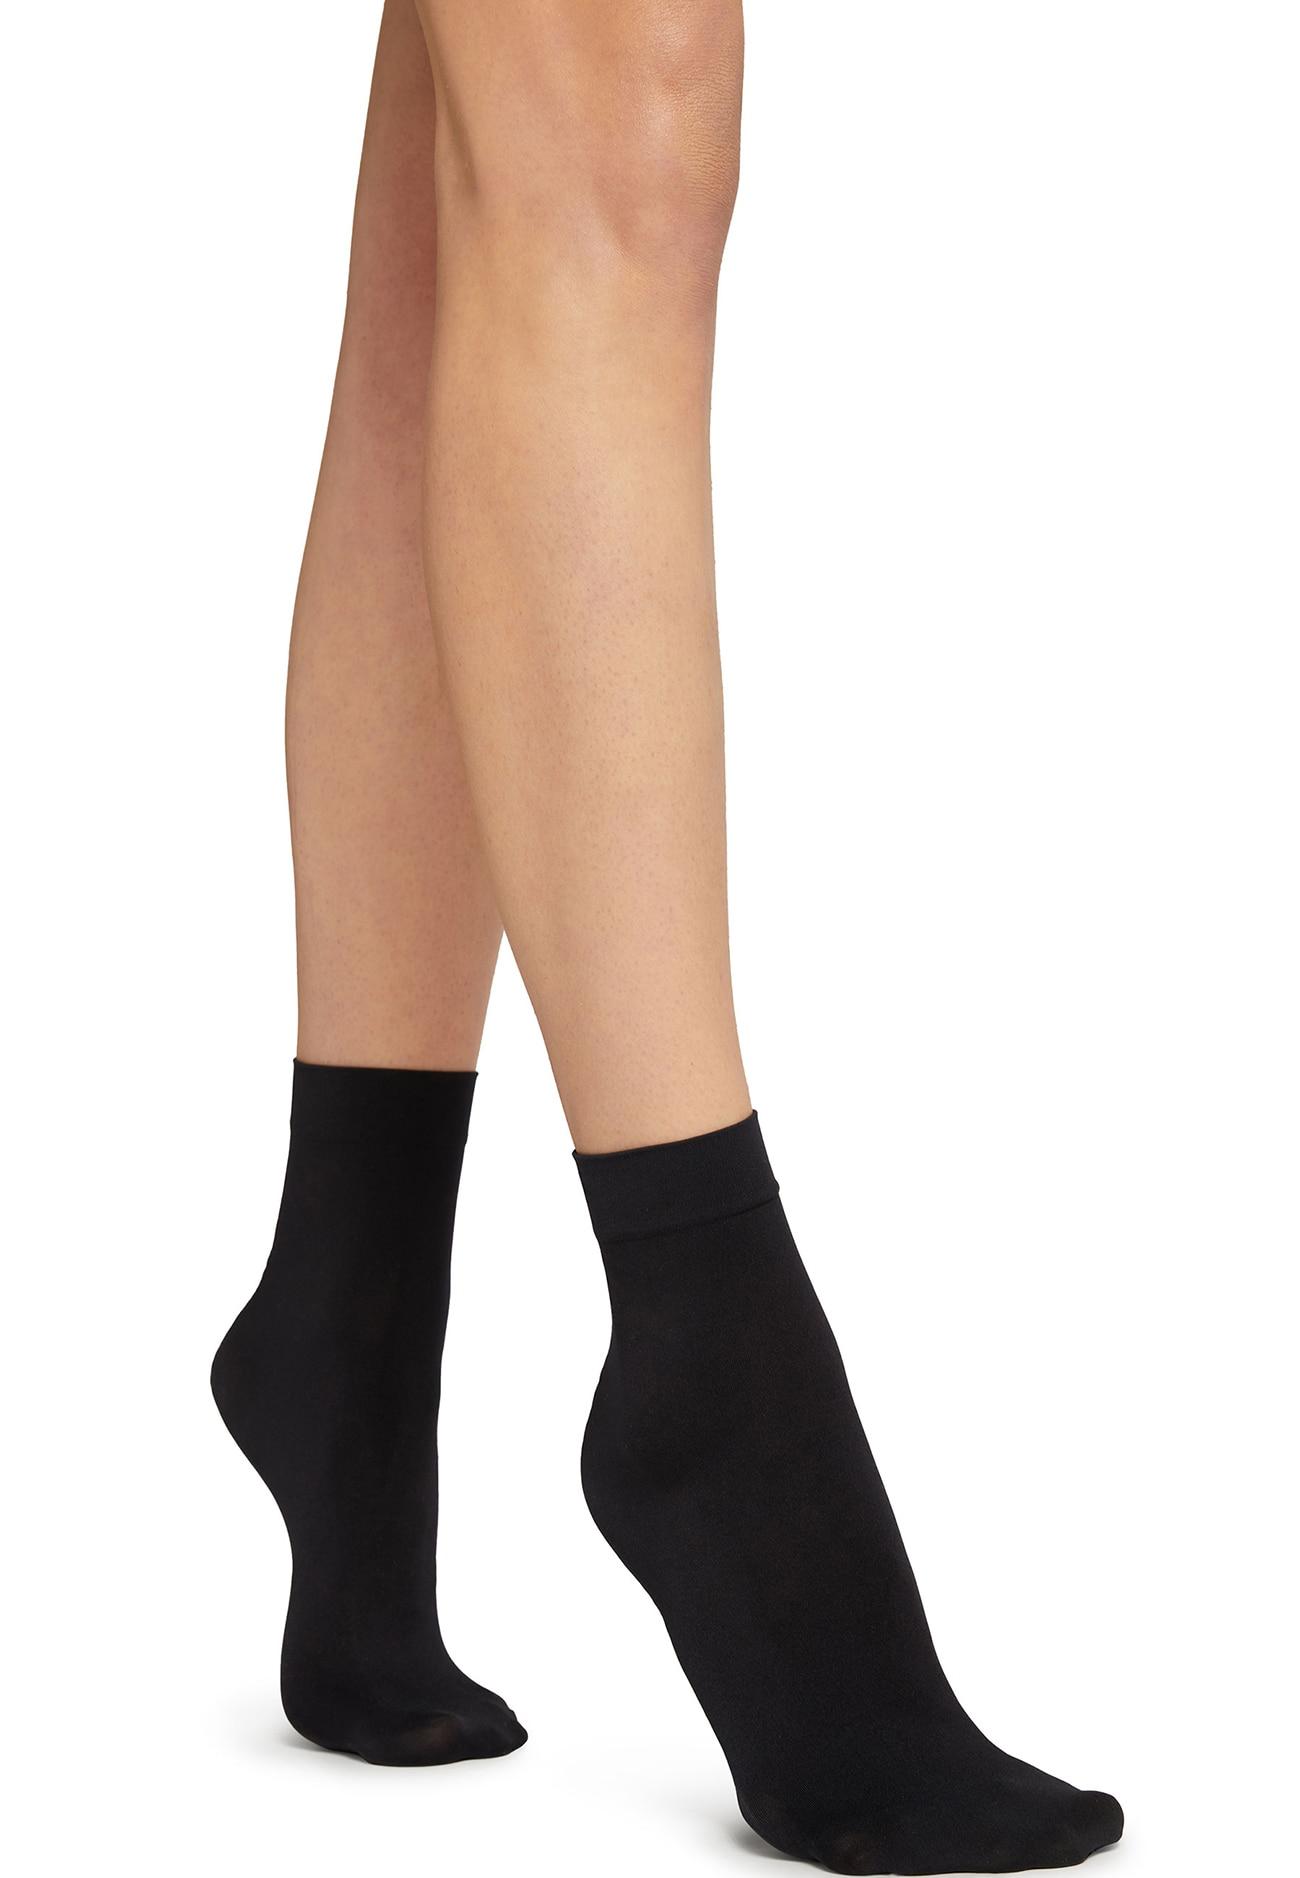 46000 Aurora 70 Socks